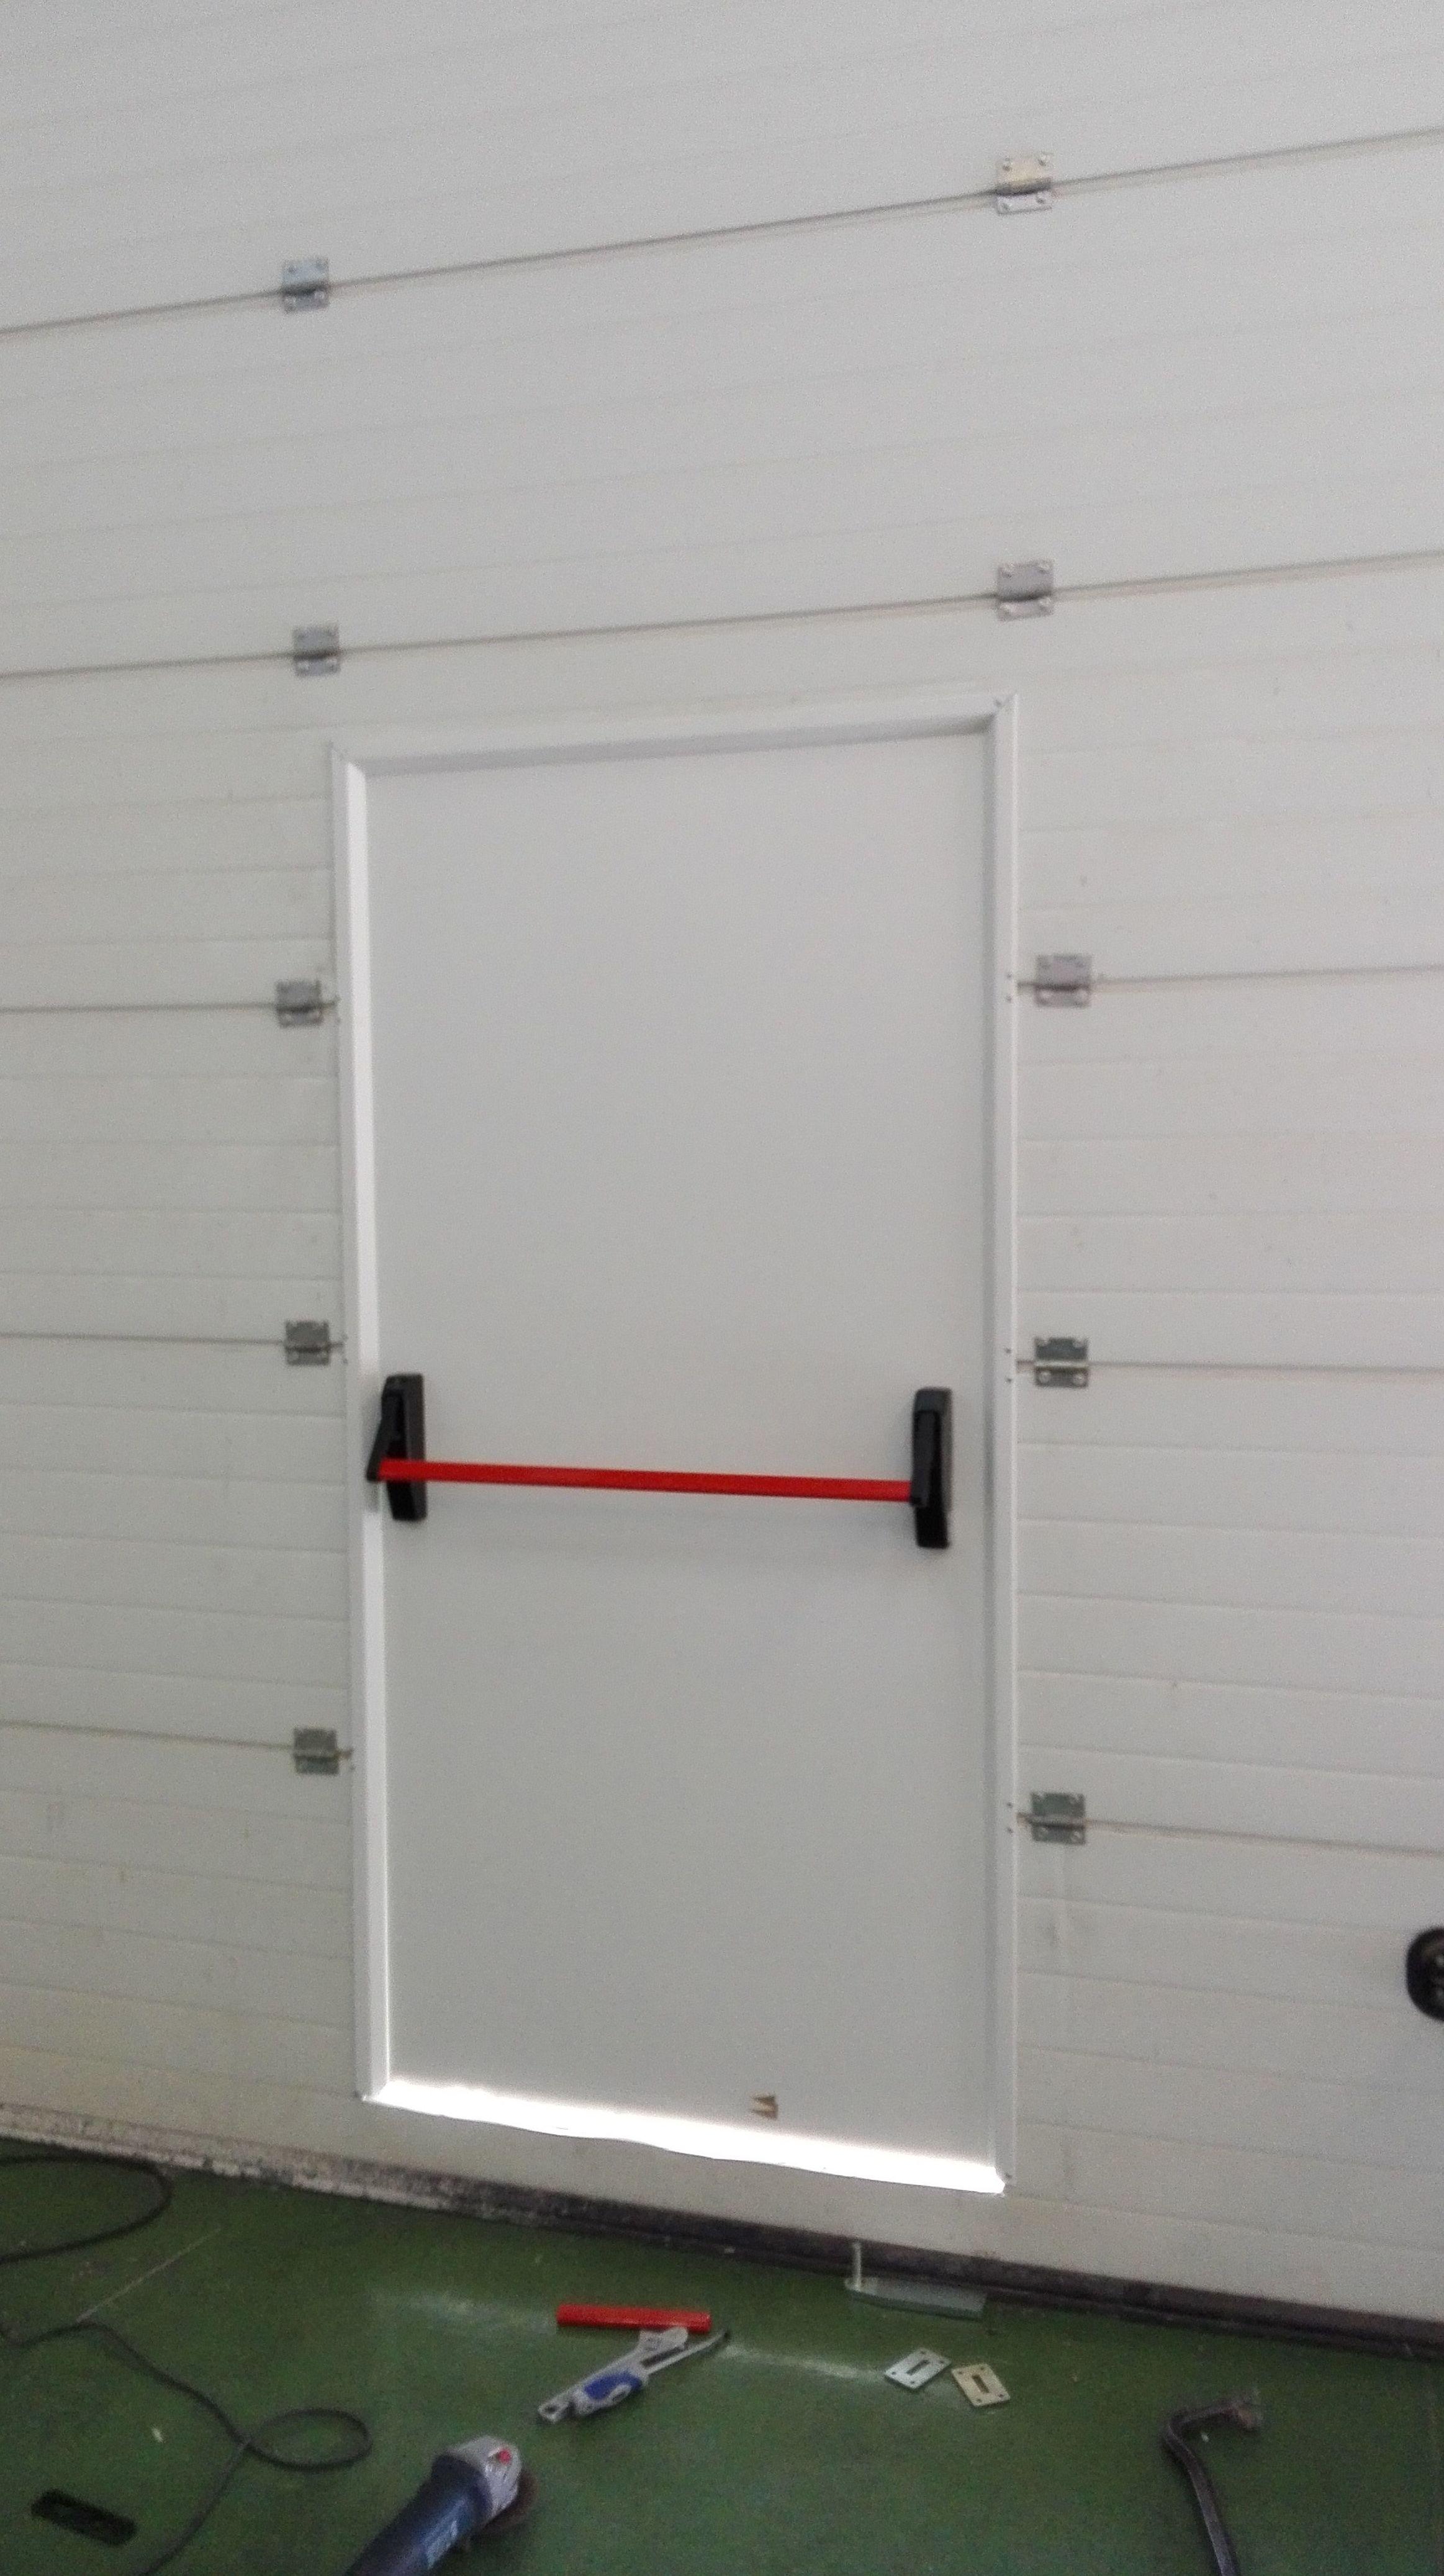 Montaje de Puerta peatonal en puerta seccional apertura vertical de guillotina